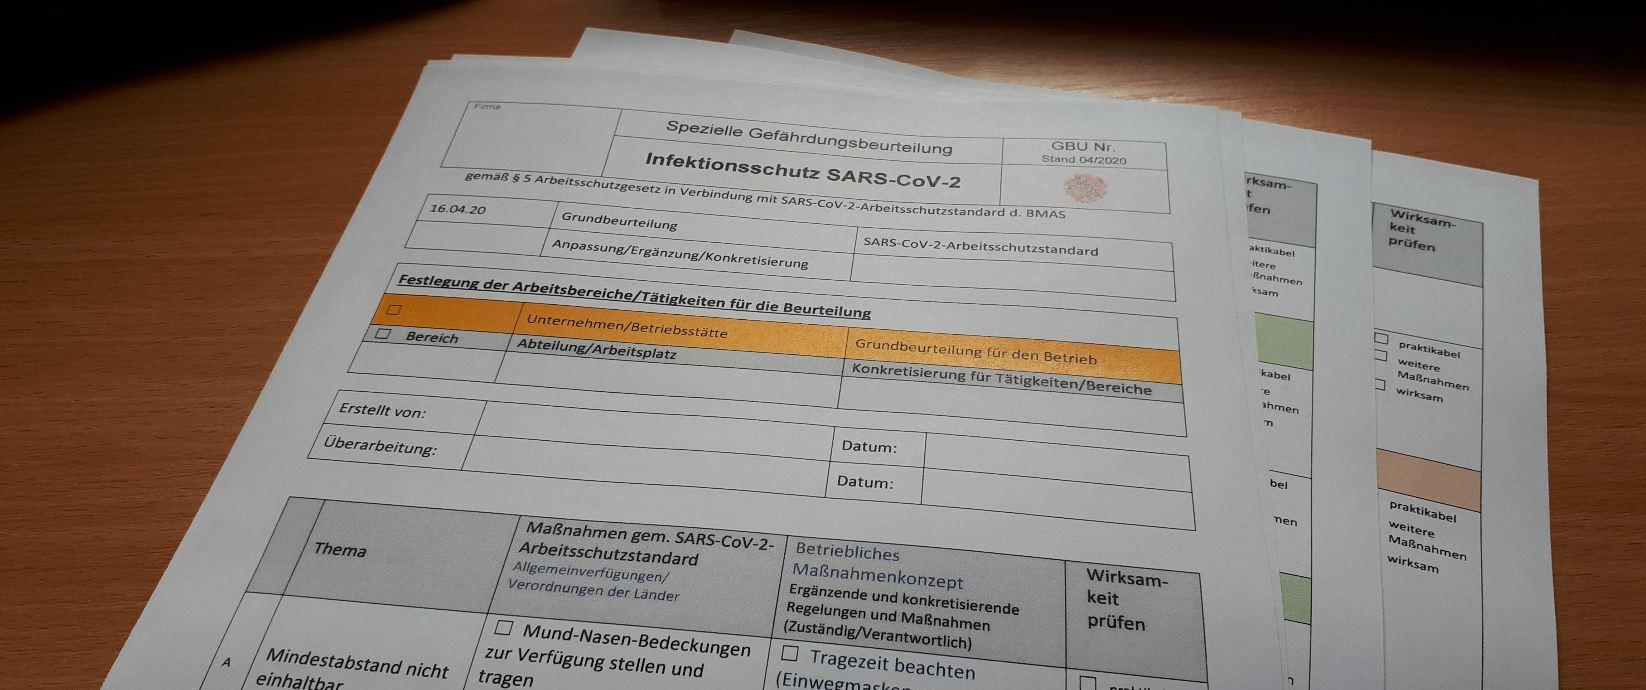 Gefährdungsbeurteilung-SARS-CoV-2